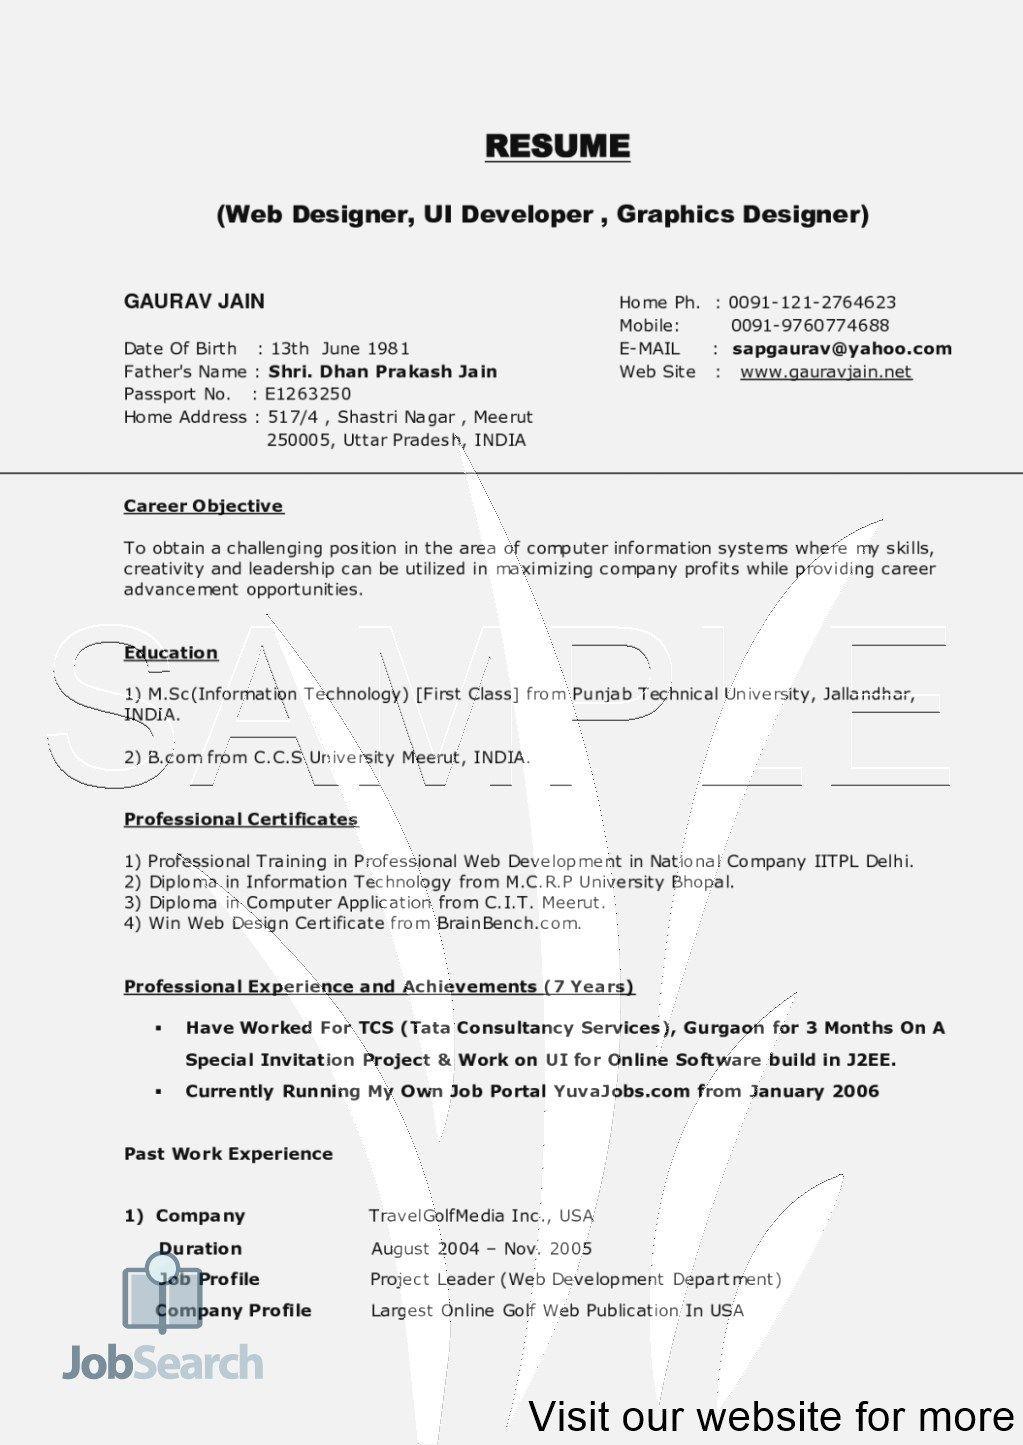 15 Unique Resume Examples Format 2020 Resume Design Free Resume Template Professional Resume Design